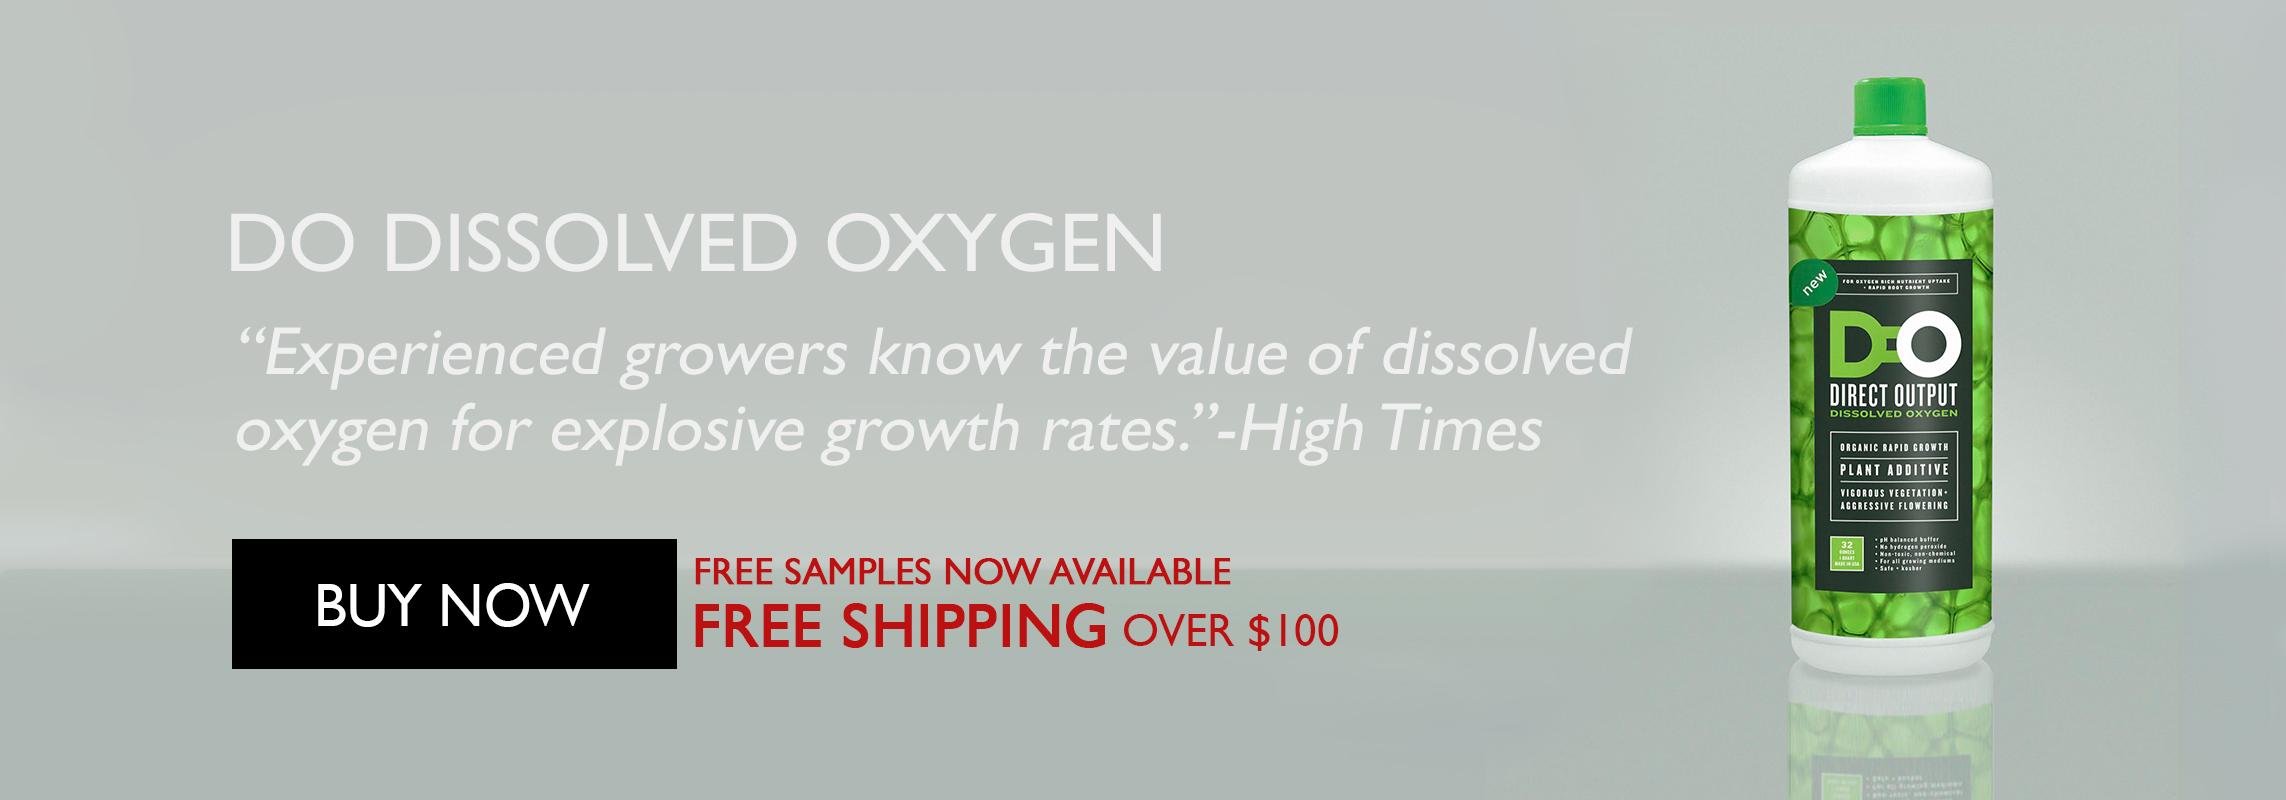 banner-do-dissolved-oxygen-plant6.jpg